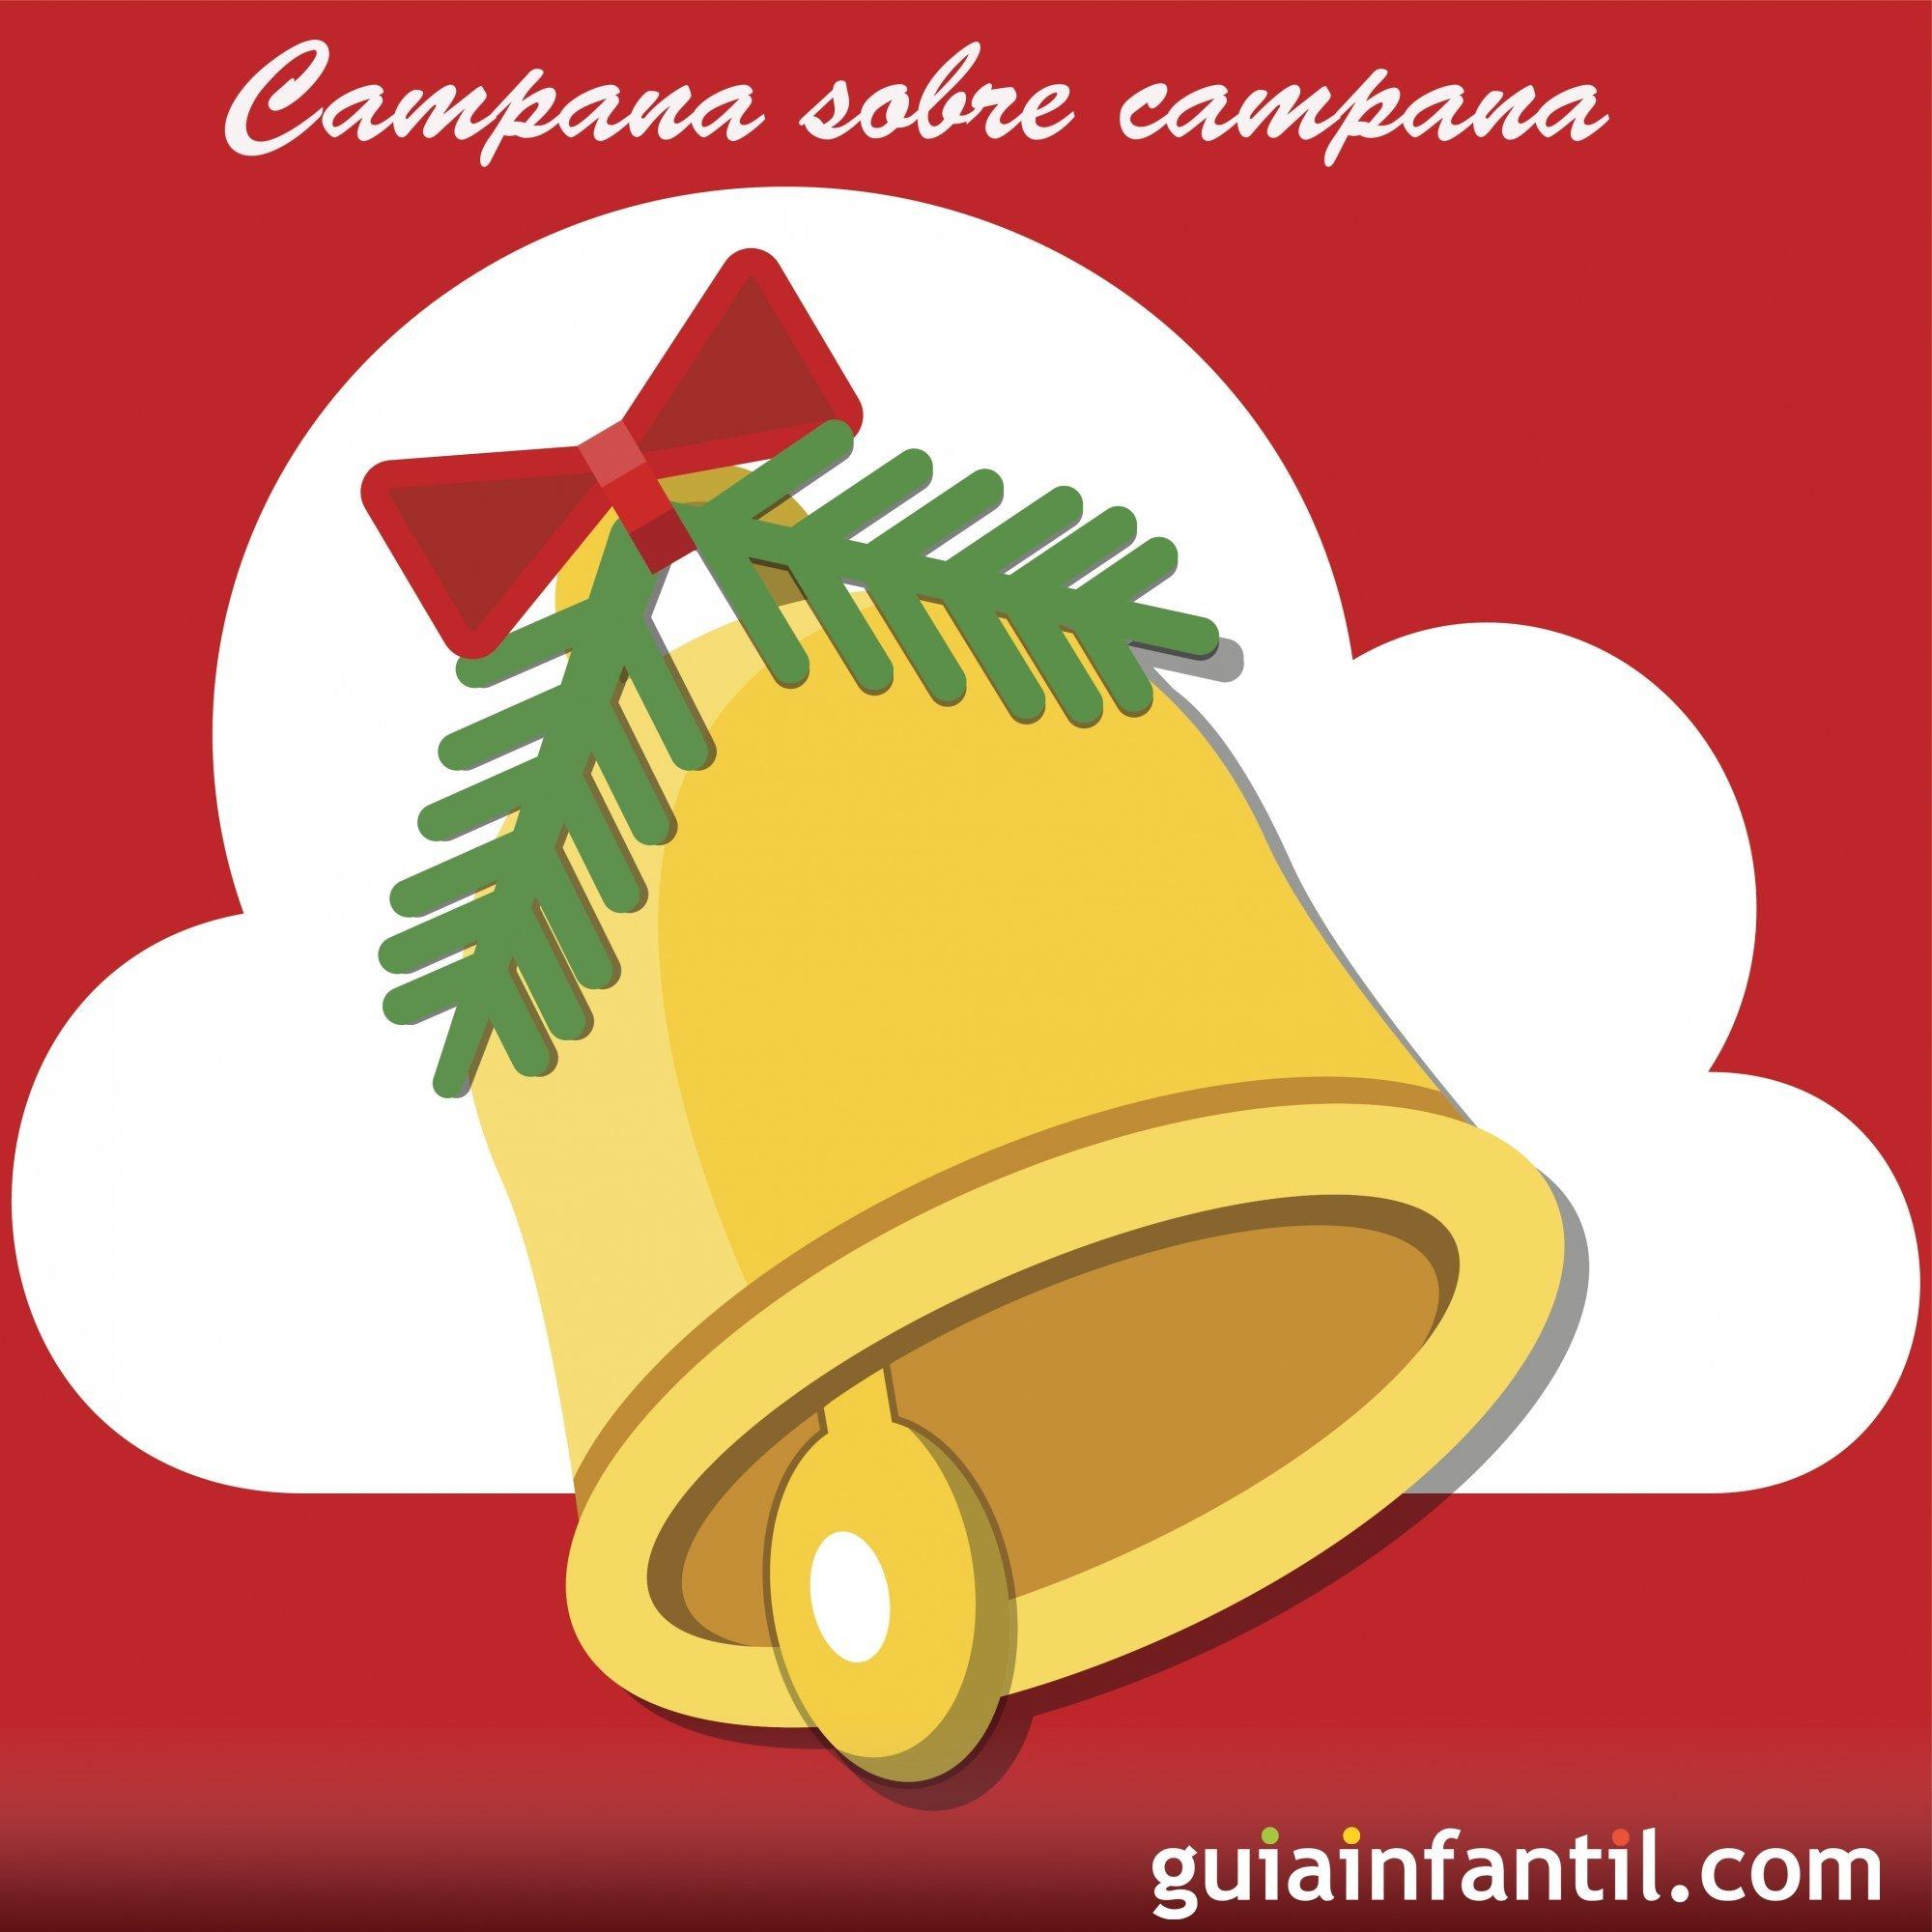 Imagenes De Villancicos Campana Sobre Campana.Campana Sobre Campana Villancicos Para Ninos